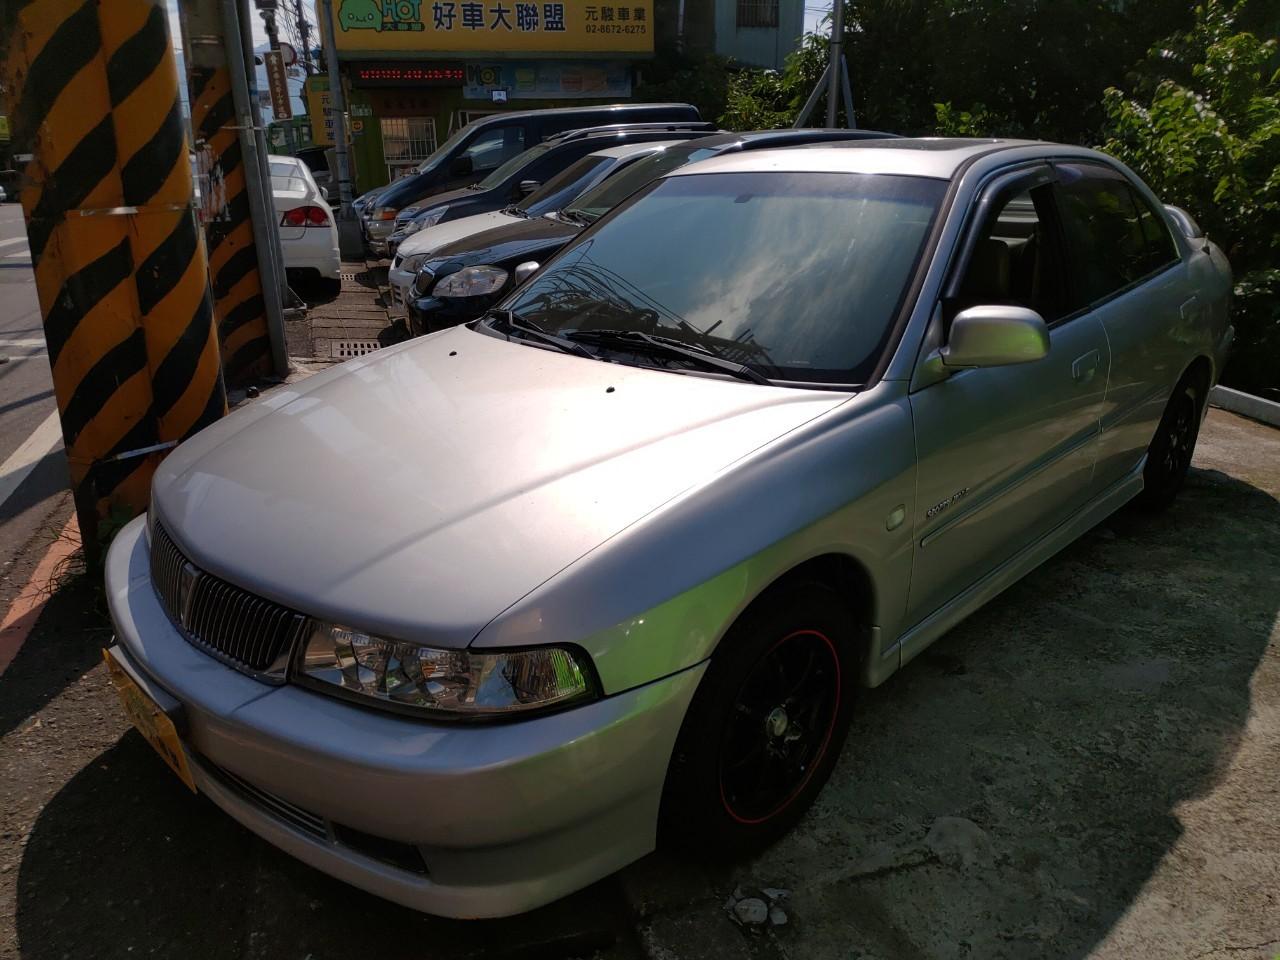 1999 Mitsubishi 三菱 Lancer